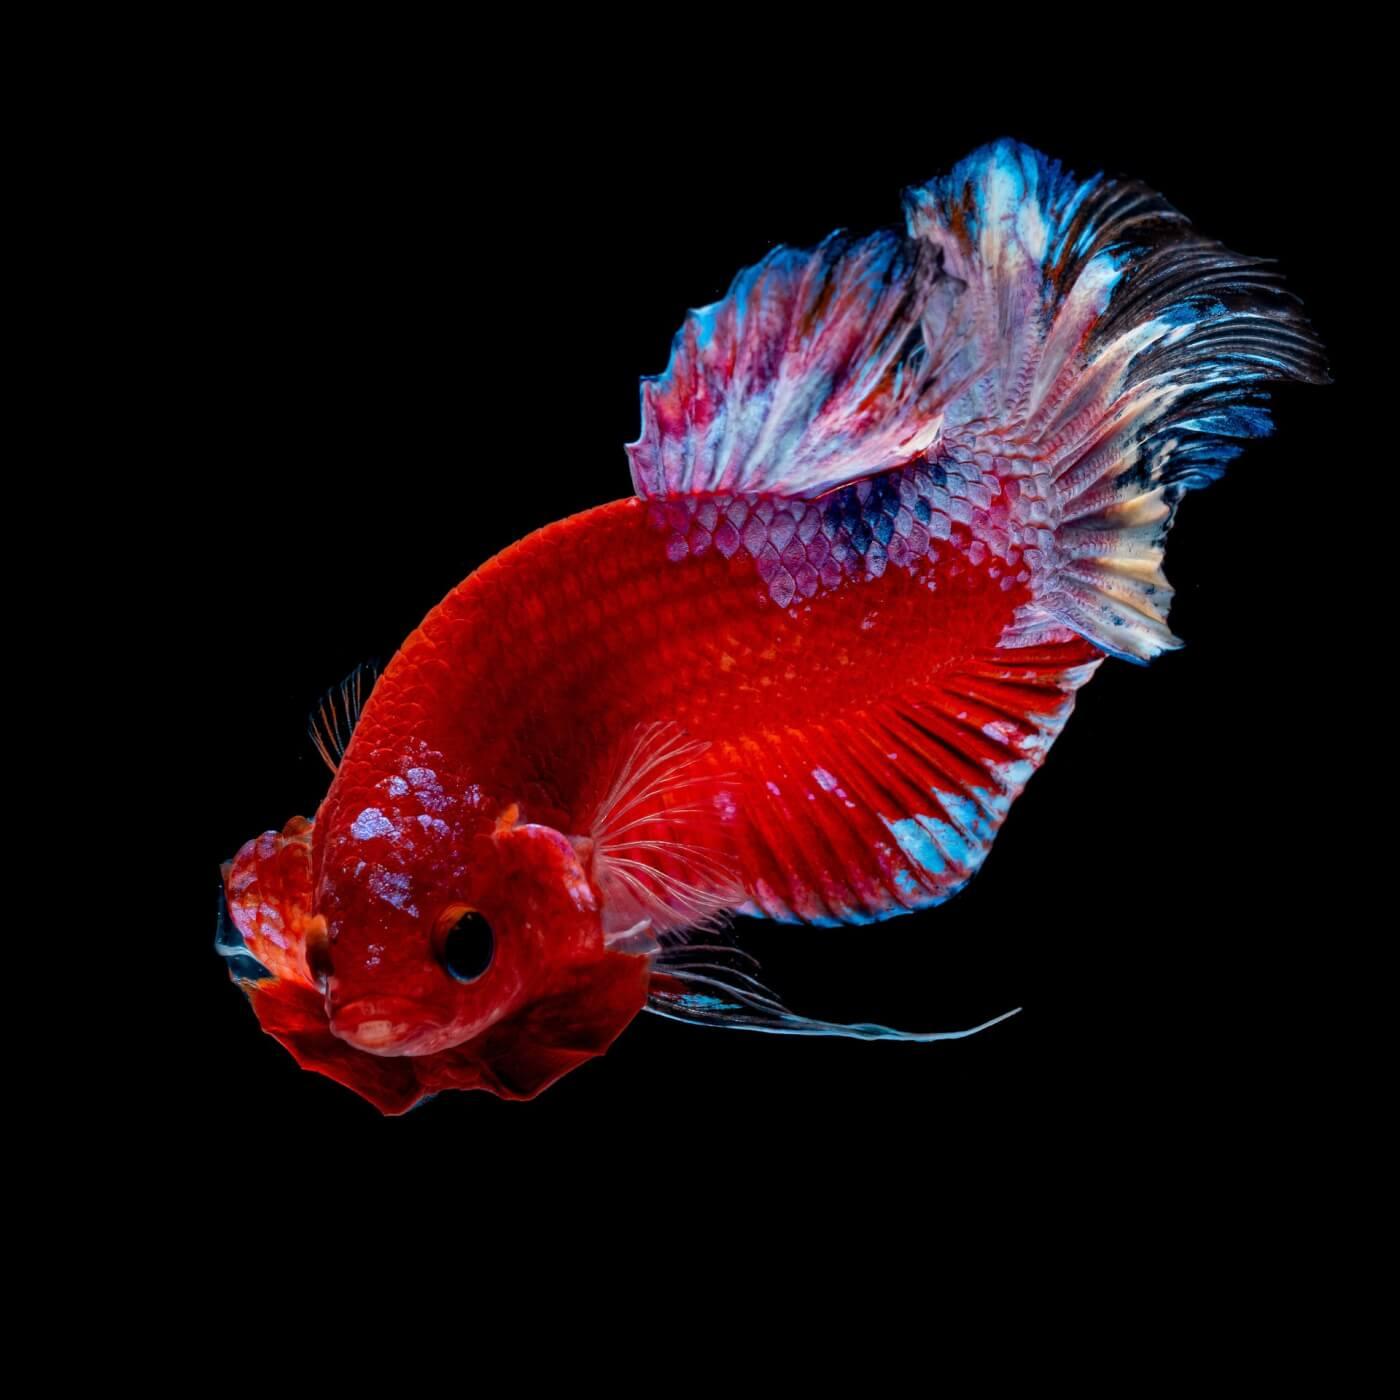 24 sự thật hấp dẫn chứng minh cá là sinh vật siêu việt